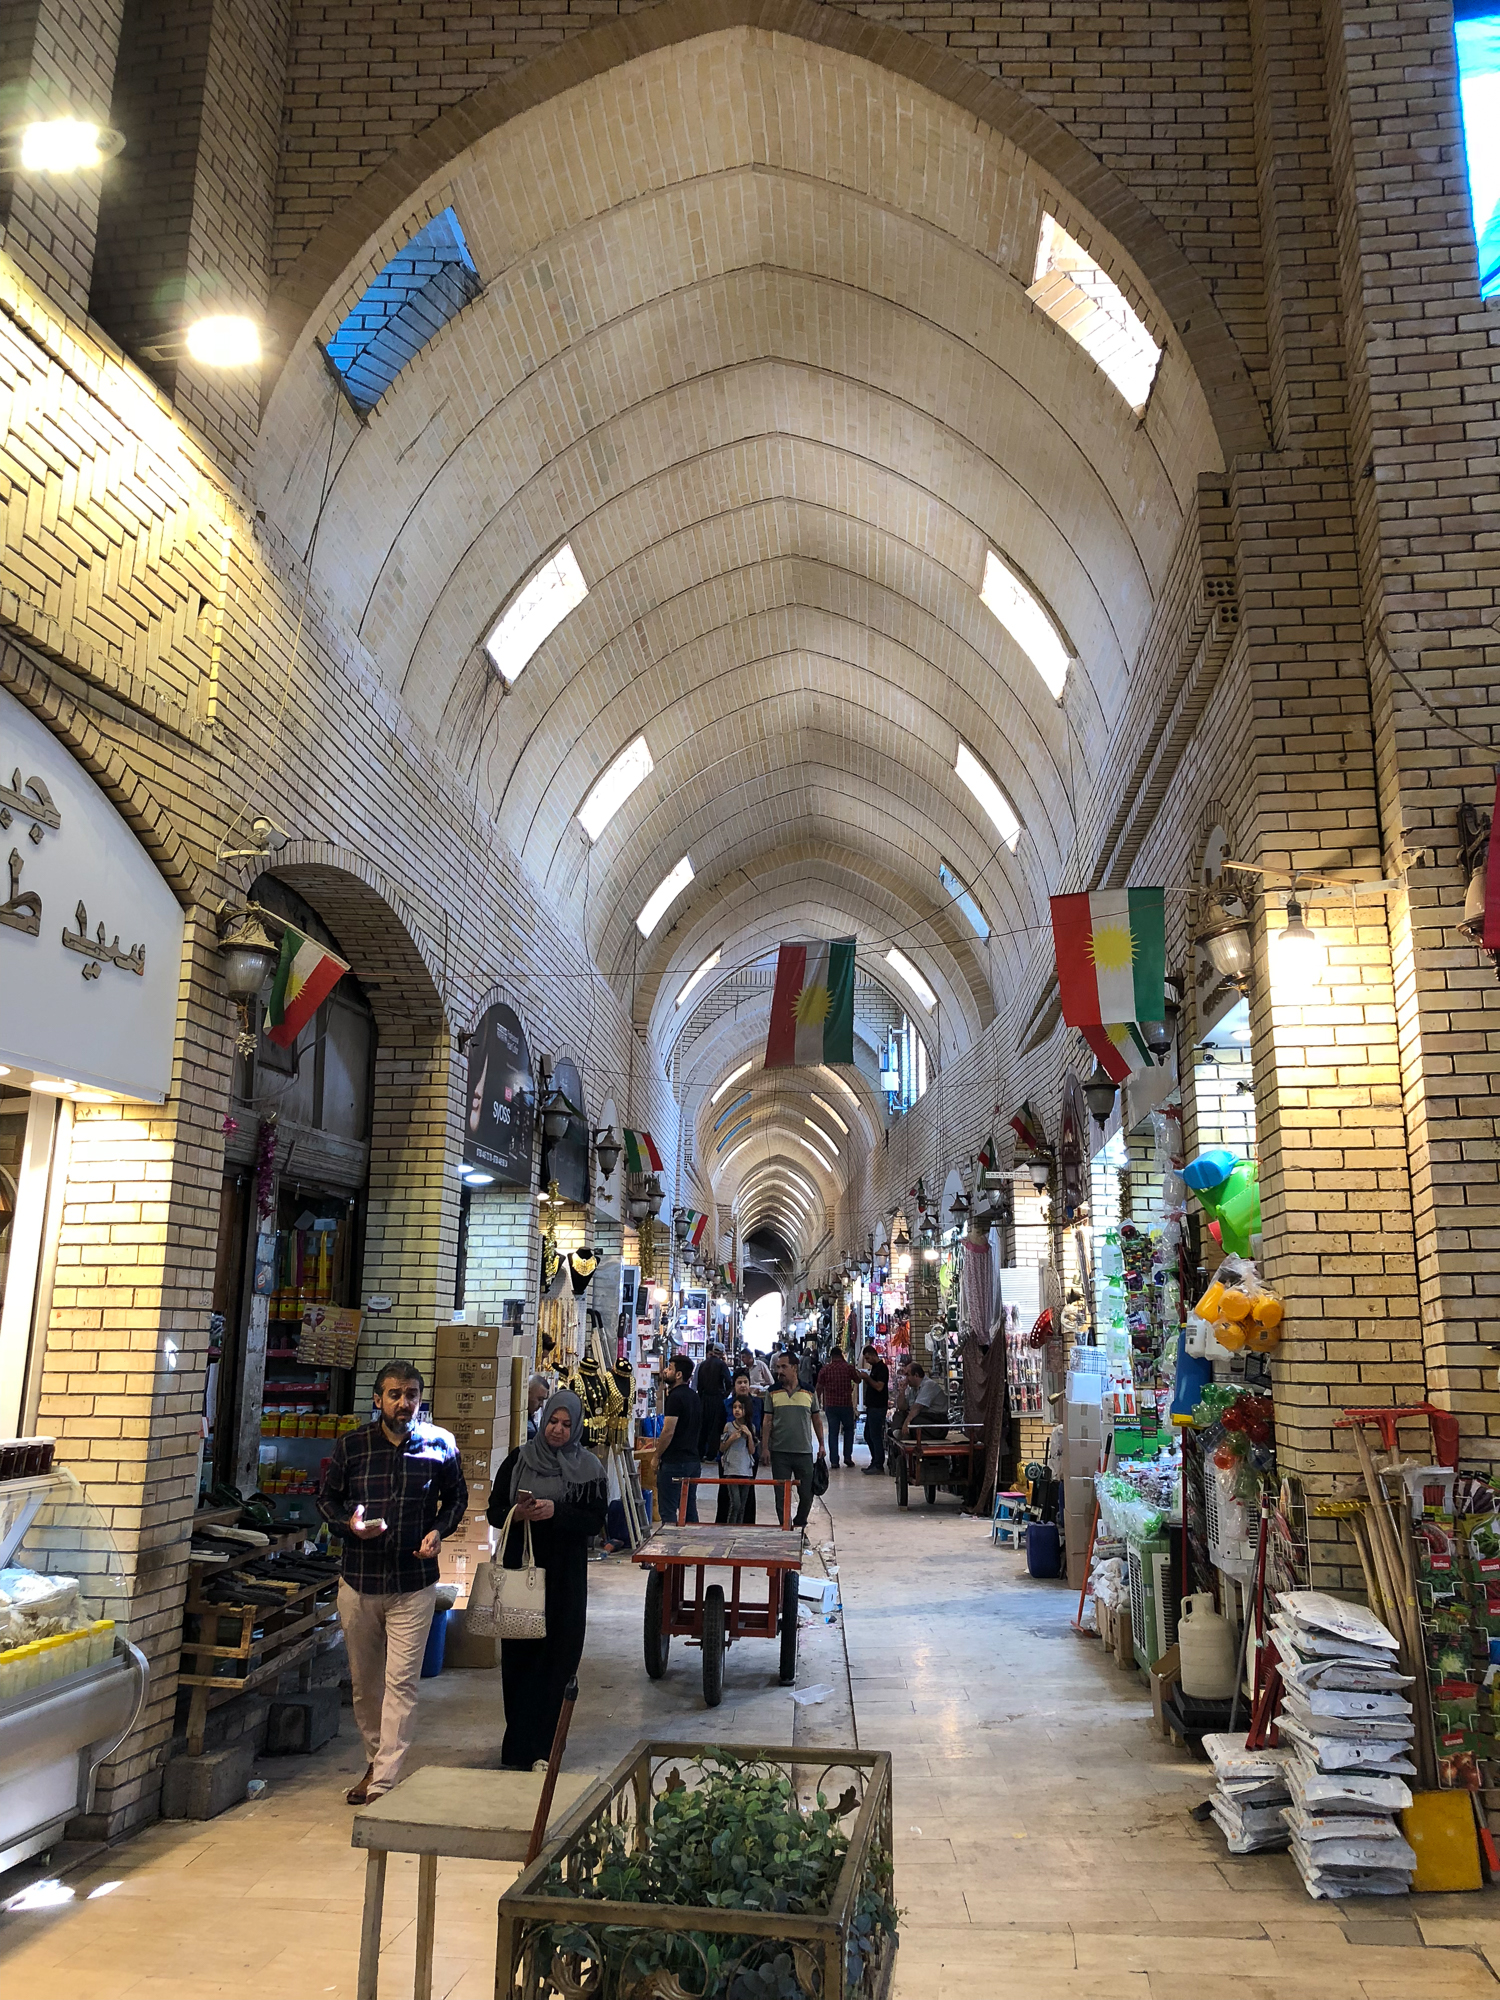 Inside the covered bazaar of Erbil